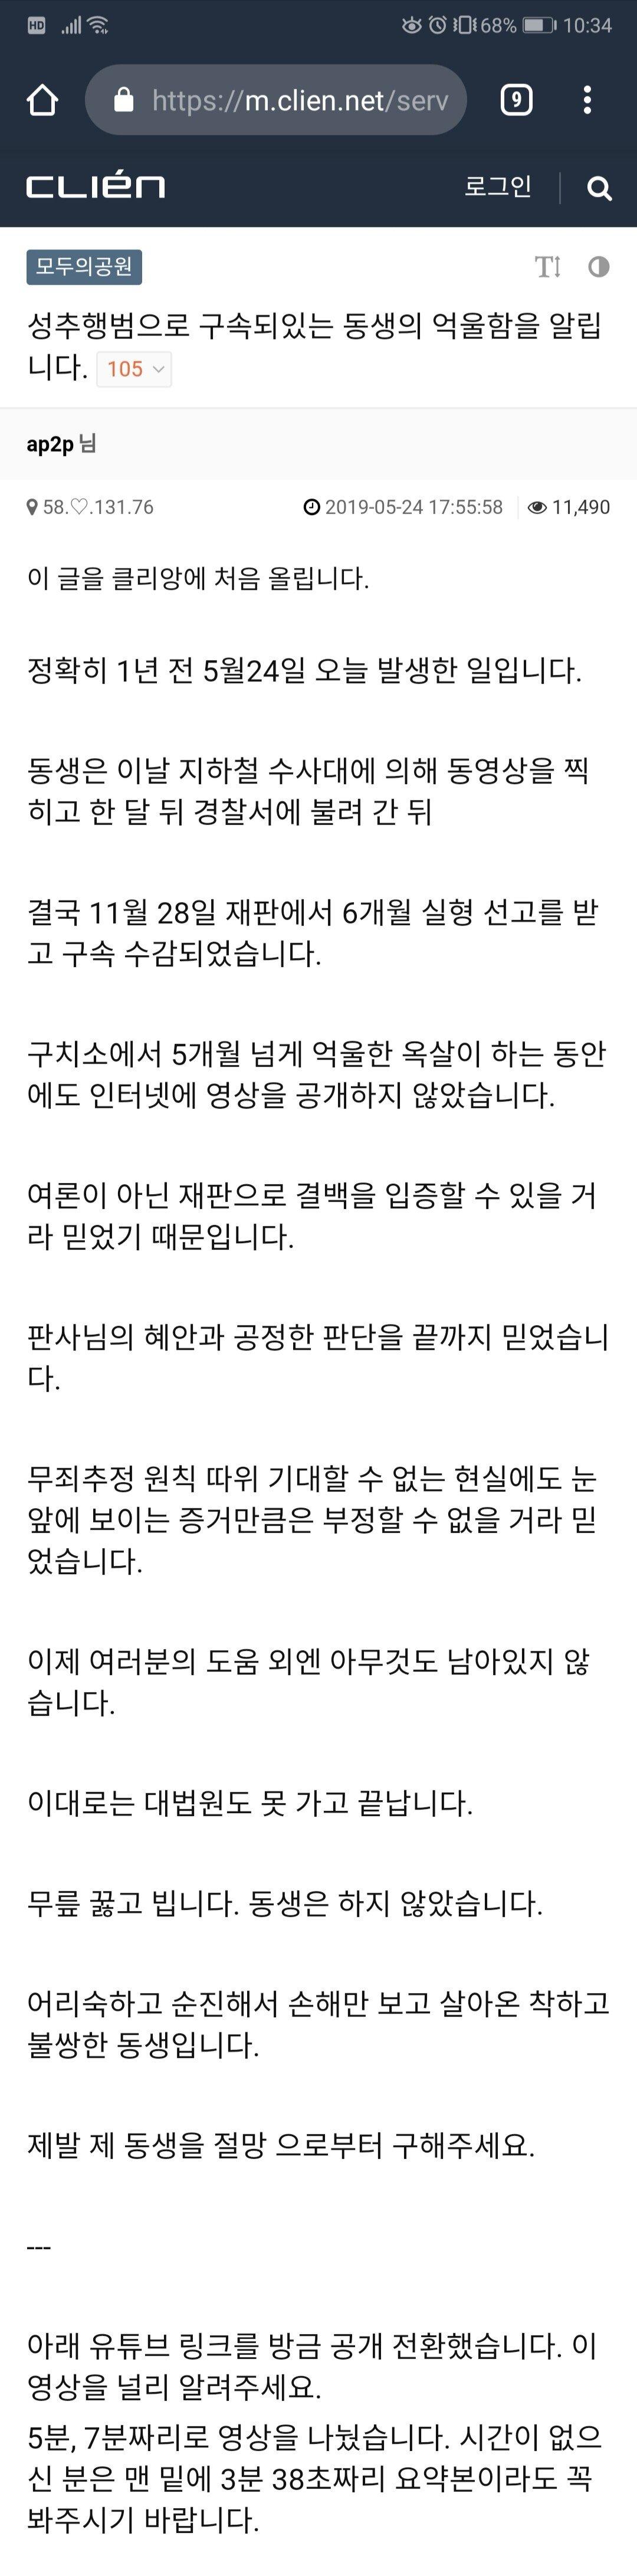 Screenshot_20190524_223426.jpg 또! 지하철 성추행범으로 몰려 실형 선고받은 사건 발생